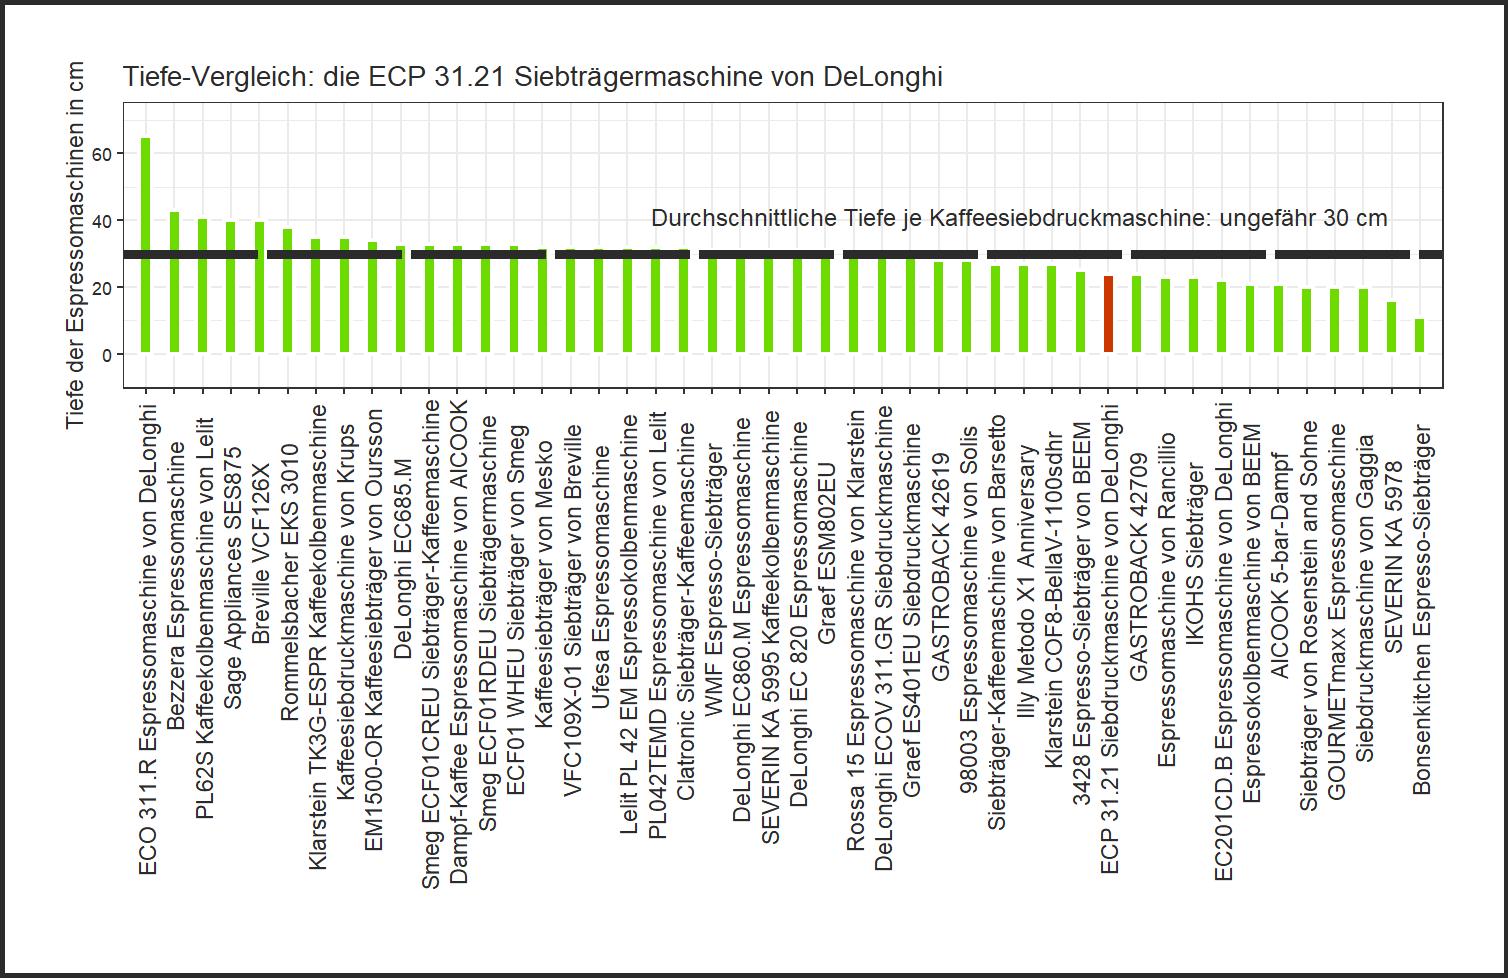 Tiefe-Vergleich von der DeLonghi Siebdruckmaschine ECP 31.21